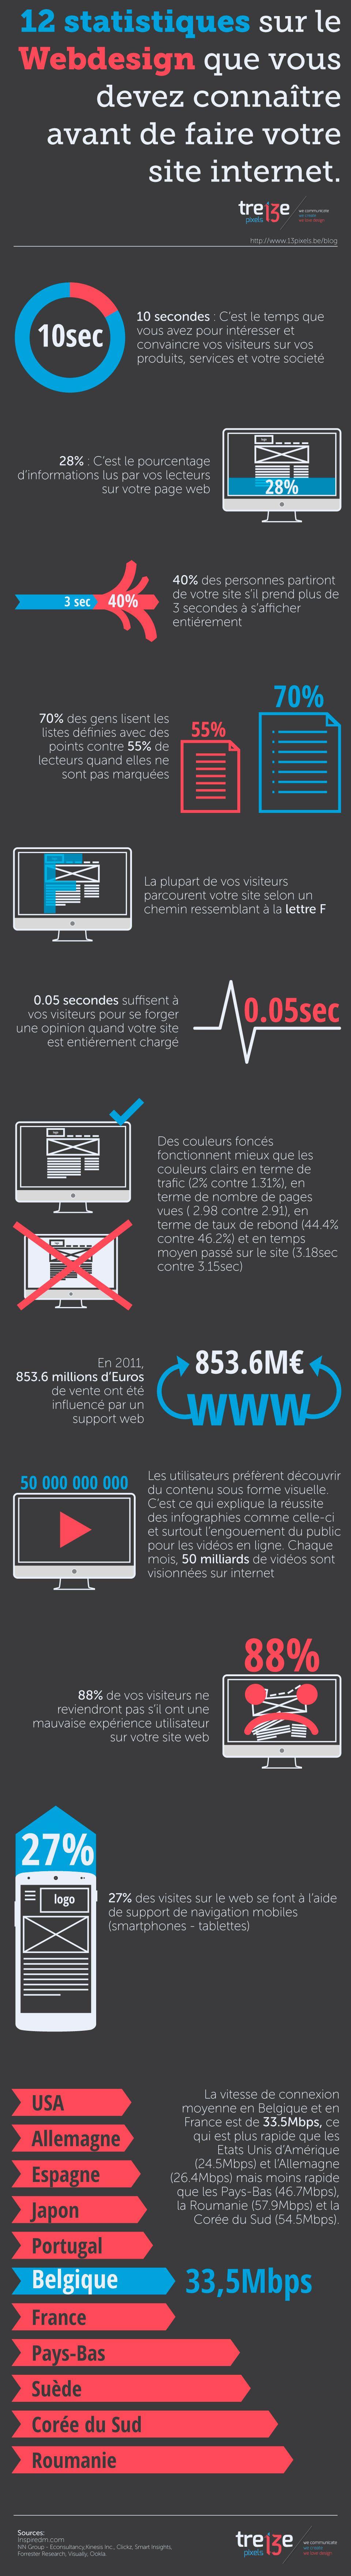 12 statistiques sur le webdesign que vous devez connaitre